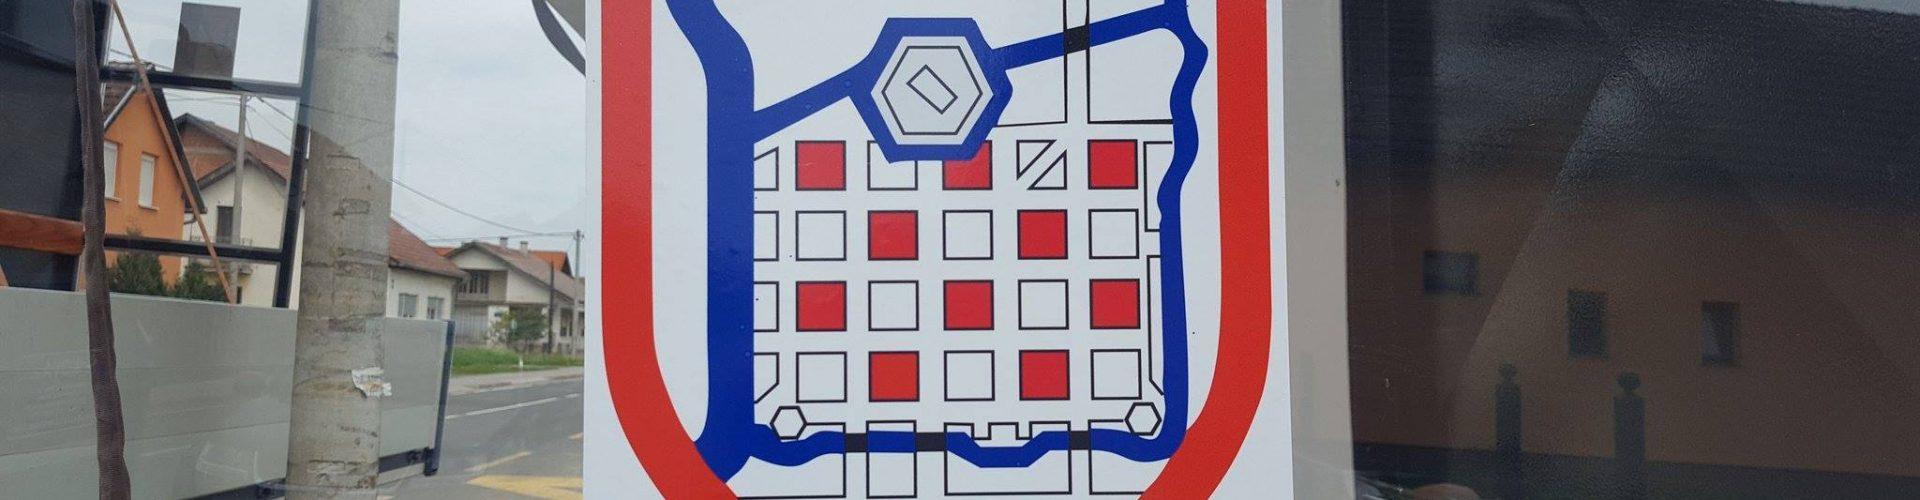 Polugodišnji izvještaj o izvršenju Proračuna Grada Gline za 2018. godinu.